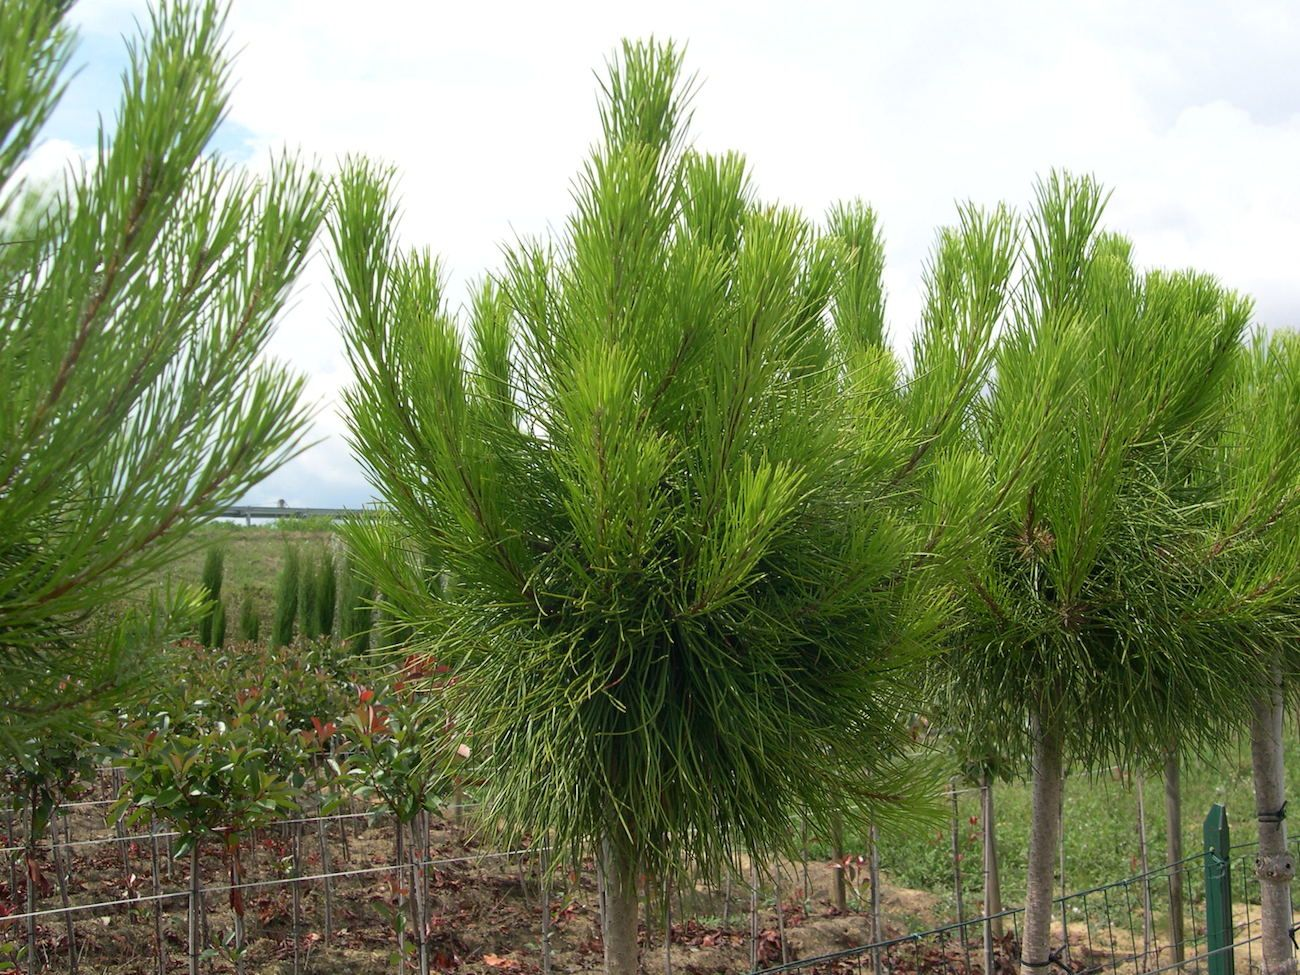 Vendita Piante Online Pino Pinus Pinea Piante Da Giardino